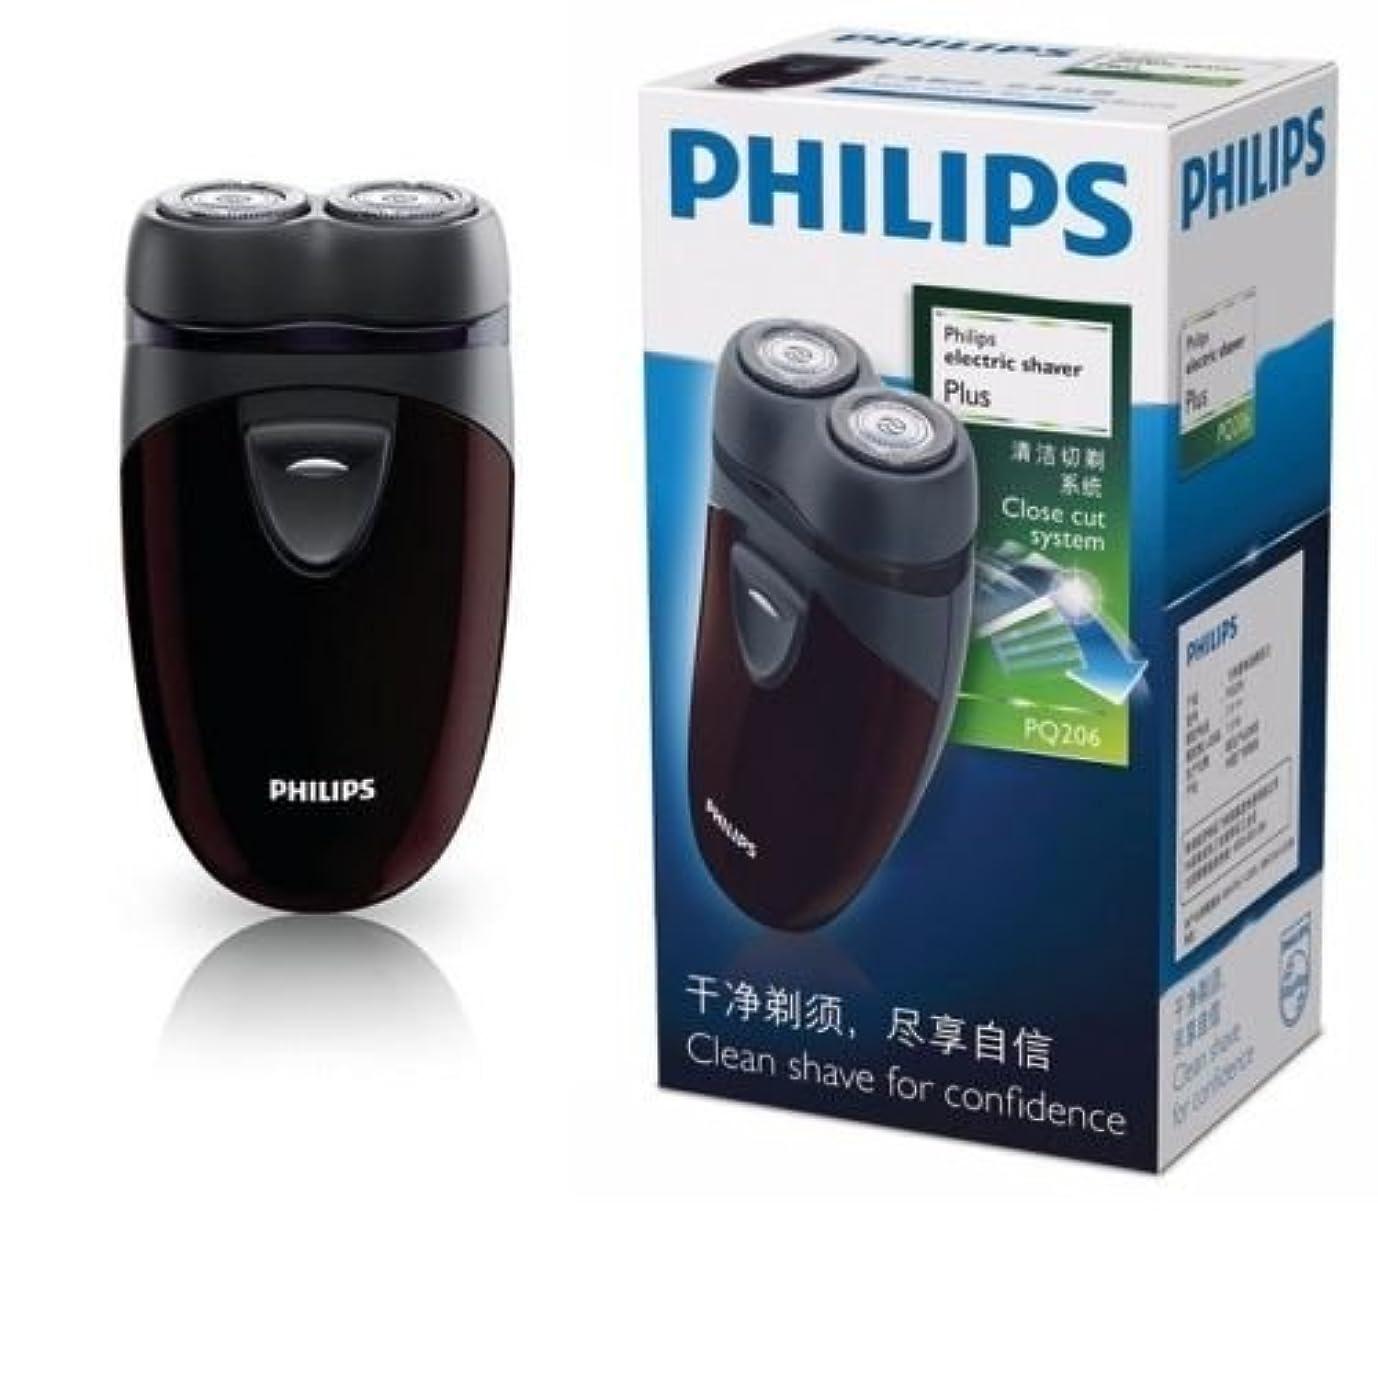 反論者何もない急性Philips PQ206 電気シェーバーのバッテリーは持ち運びに便利パワード [並行輸入品]